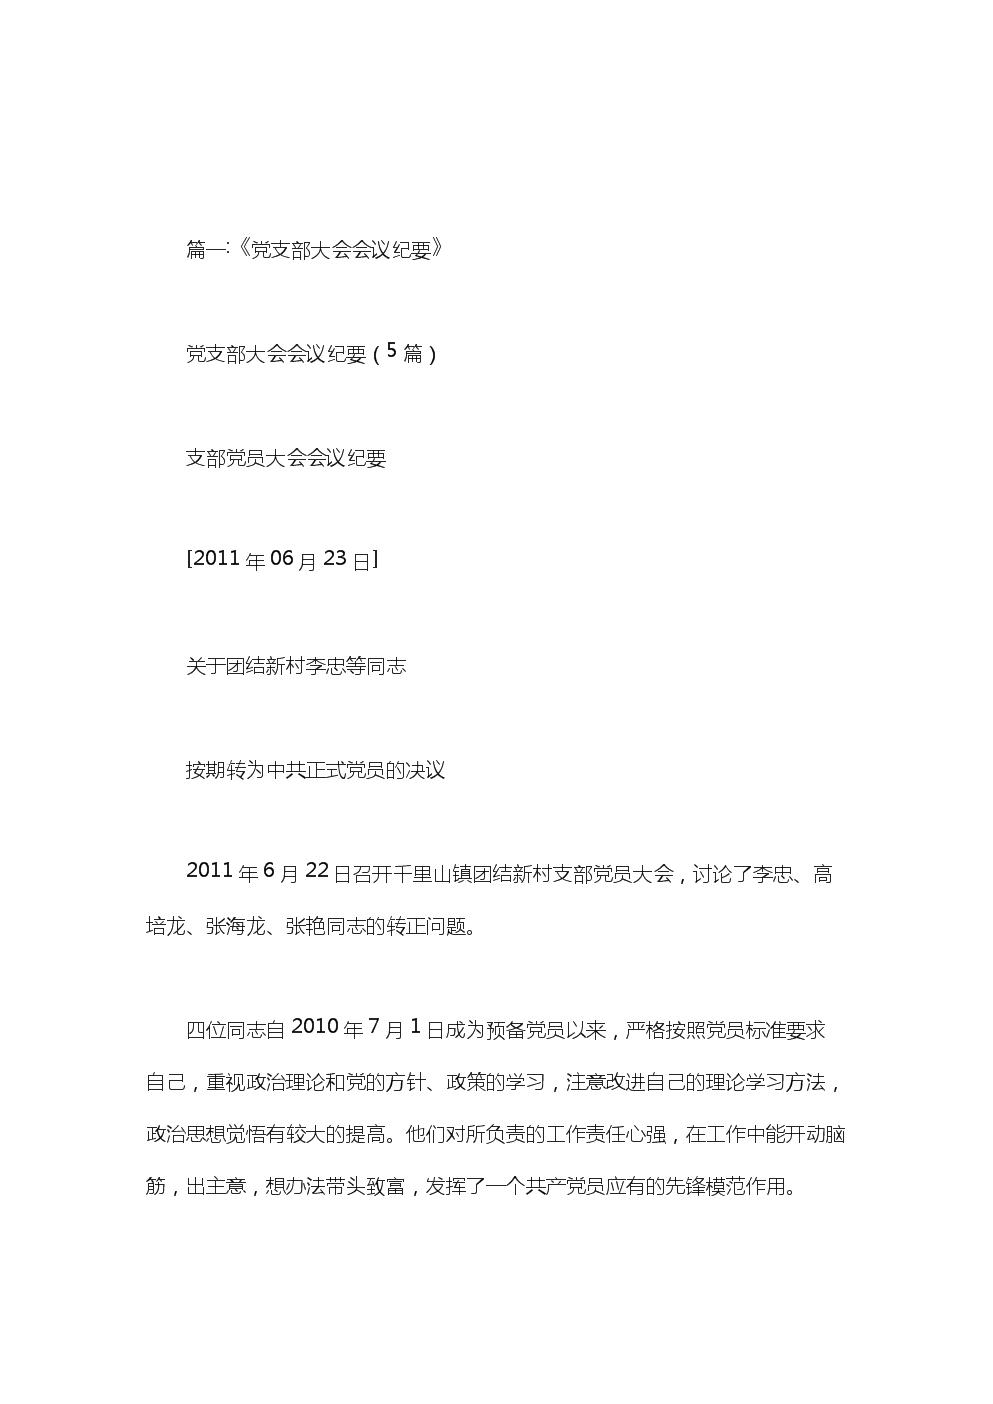 县气象局党支部会议纪要范文.doc